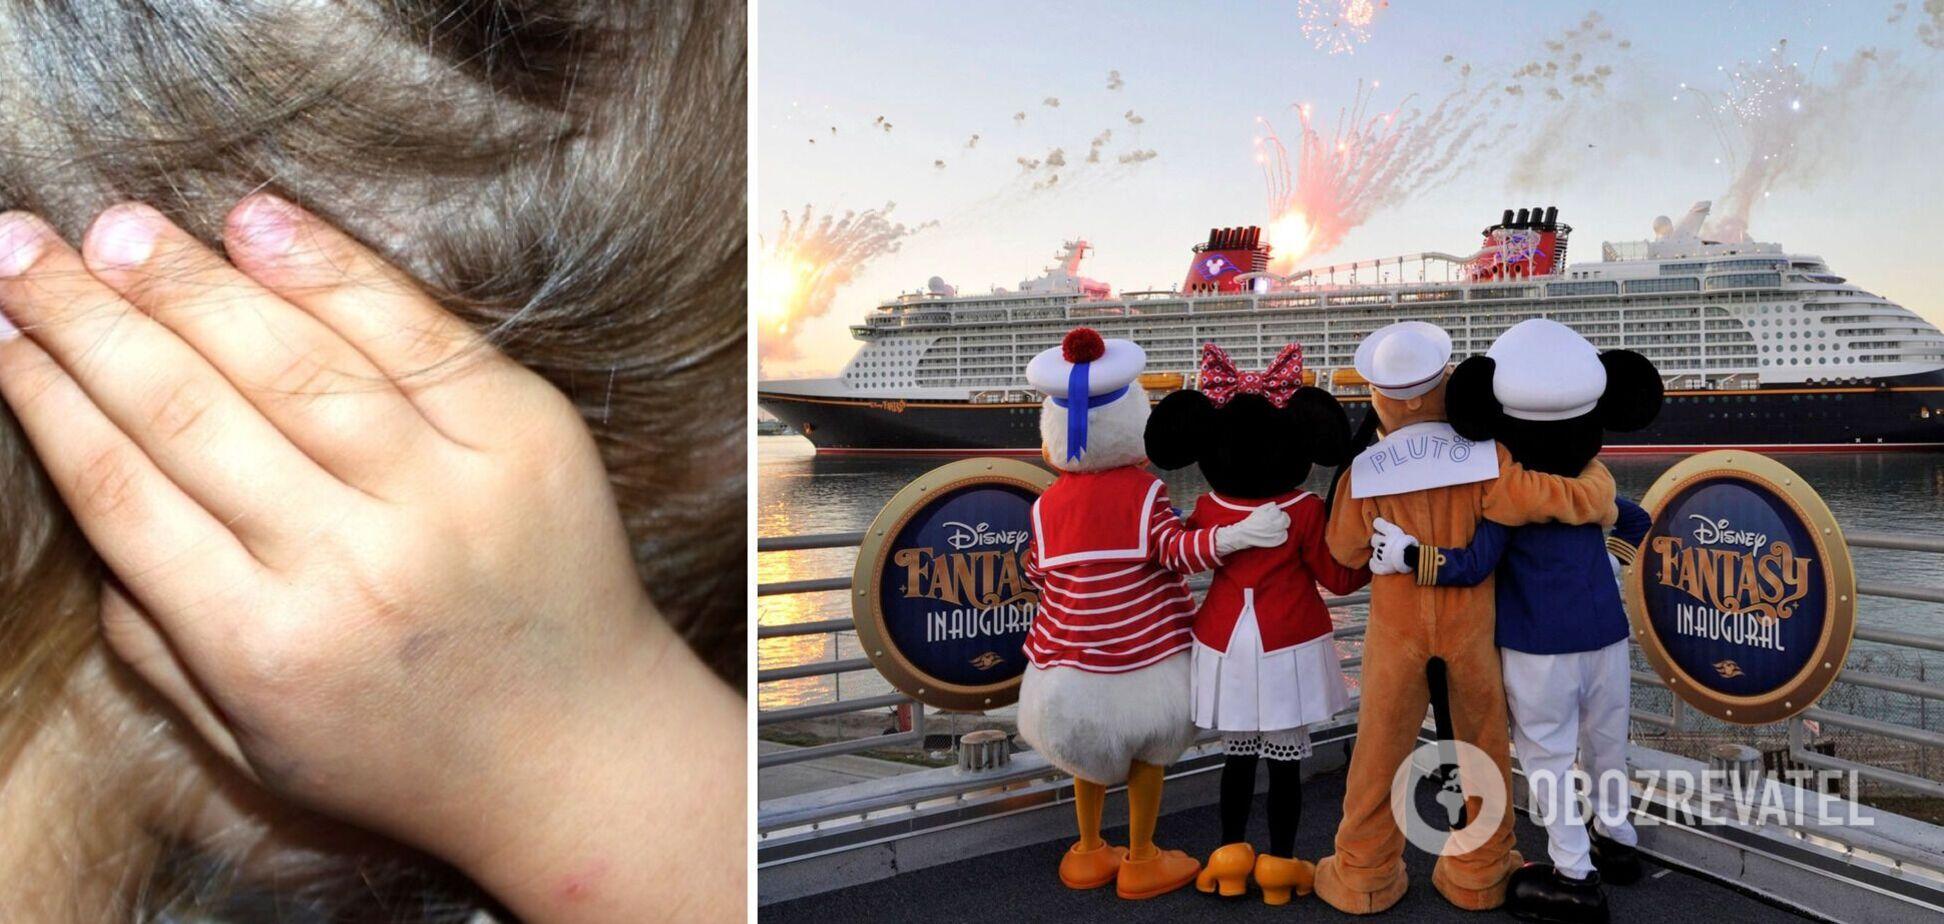 Проти компанії Disney висунуто позов про зґвалтування 3-річної дитини